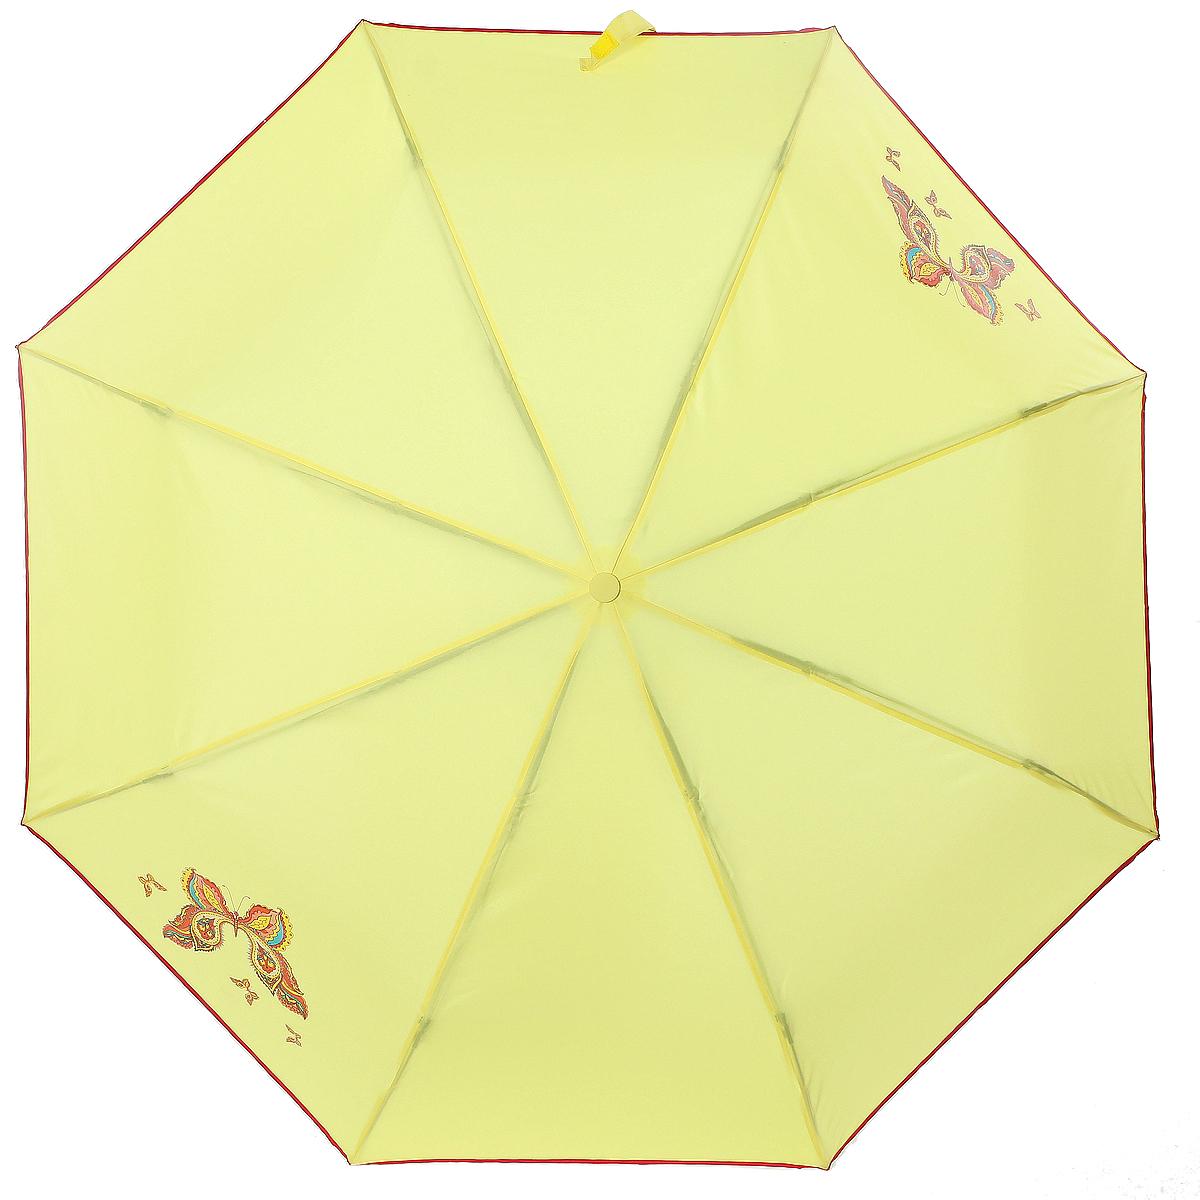 Фото - Зонт Artrain зонт artrain 1511 02 детский трость механический